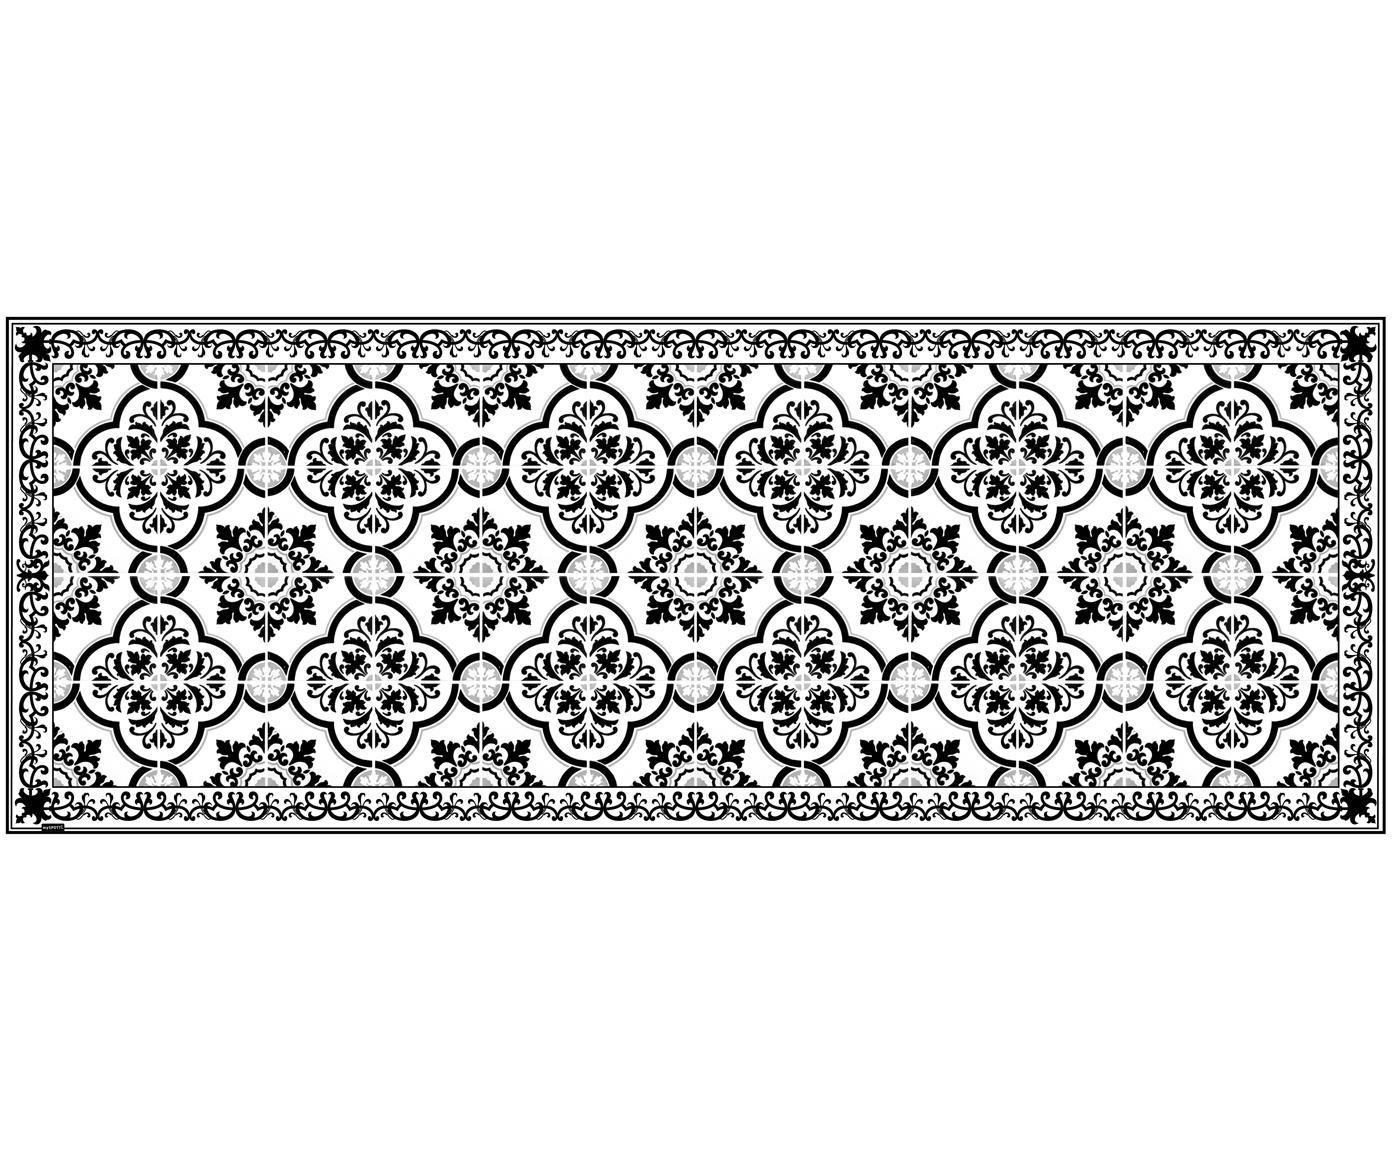 Vinyl vloermat Elena, Recyclebaar vinyl, Zwart, wit, grijs, 68 x 180 cm